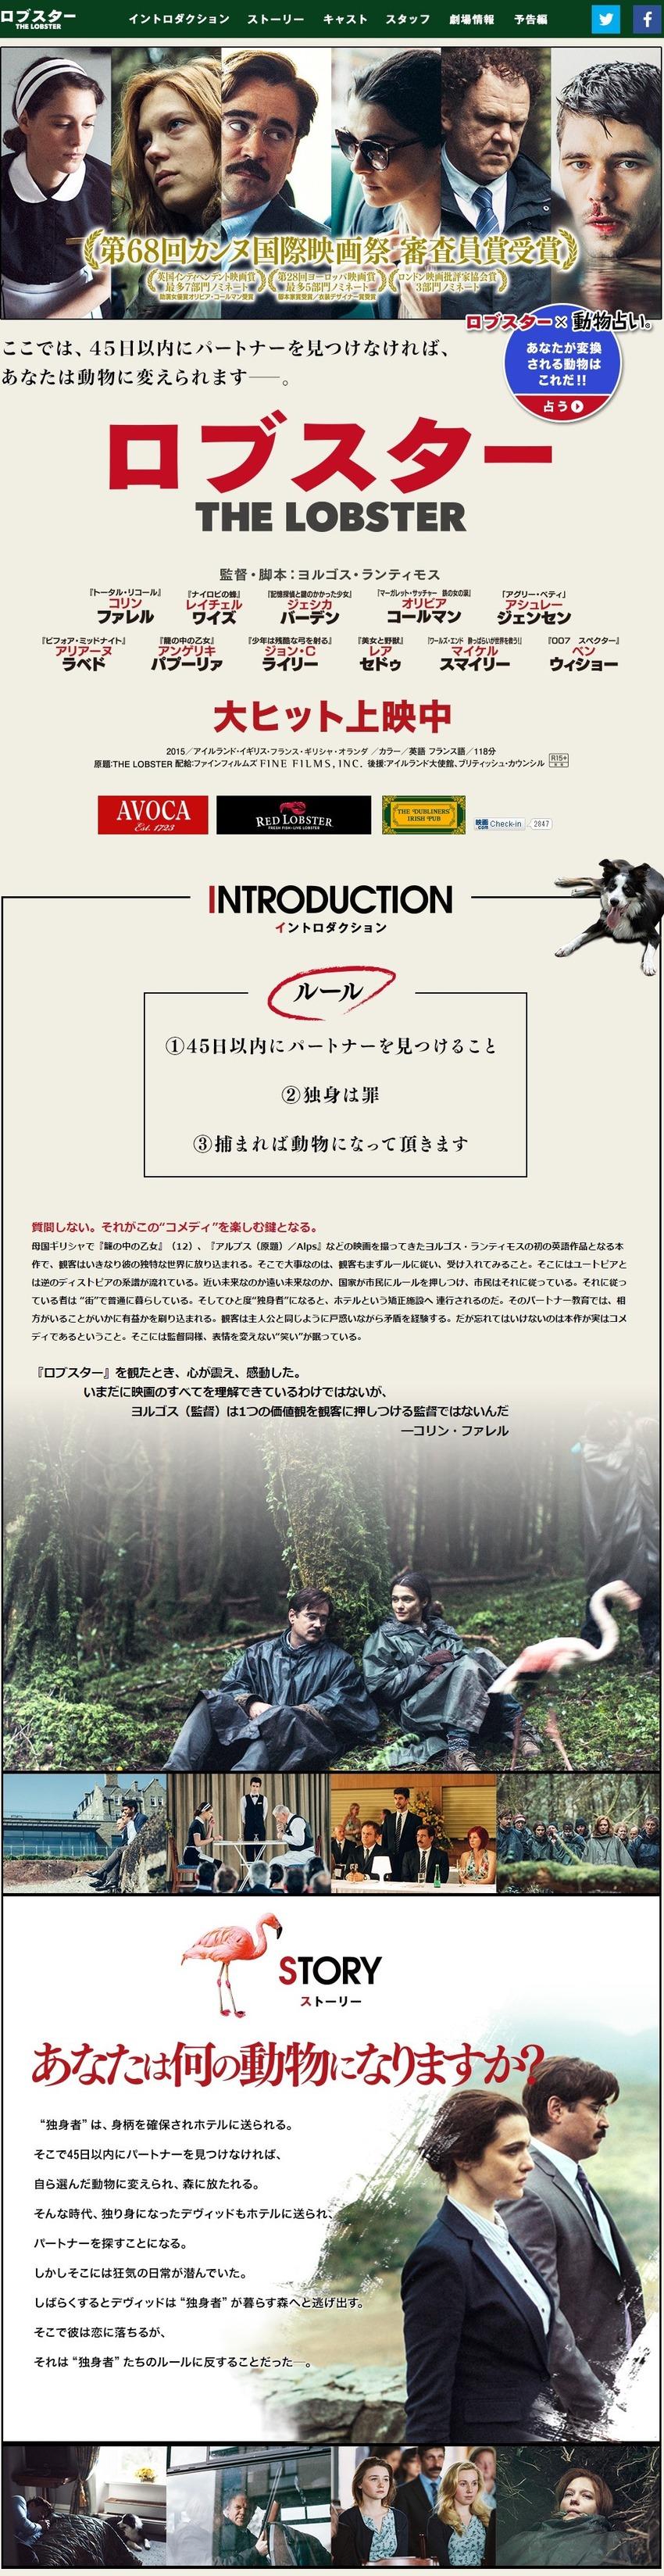 映画『ロブスター』公式サイト